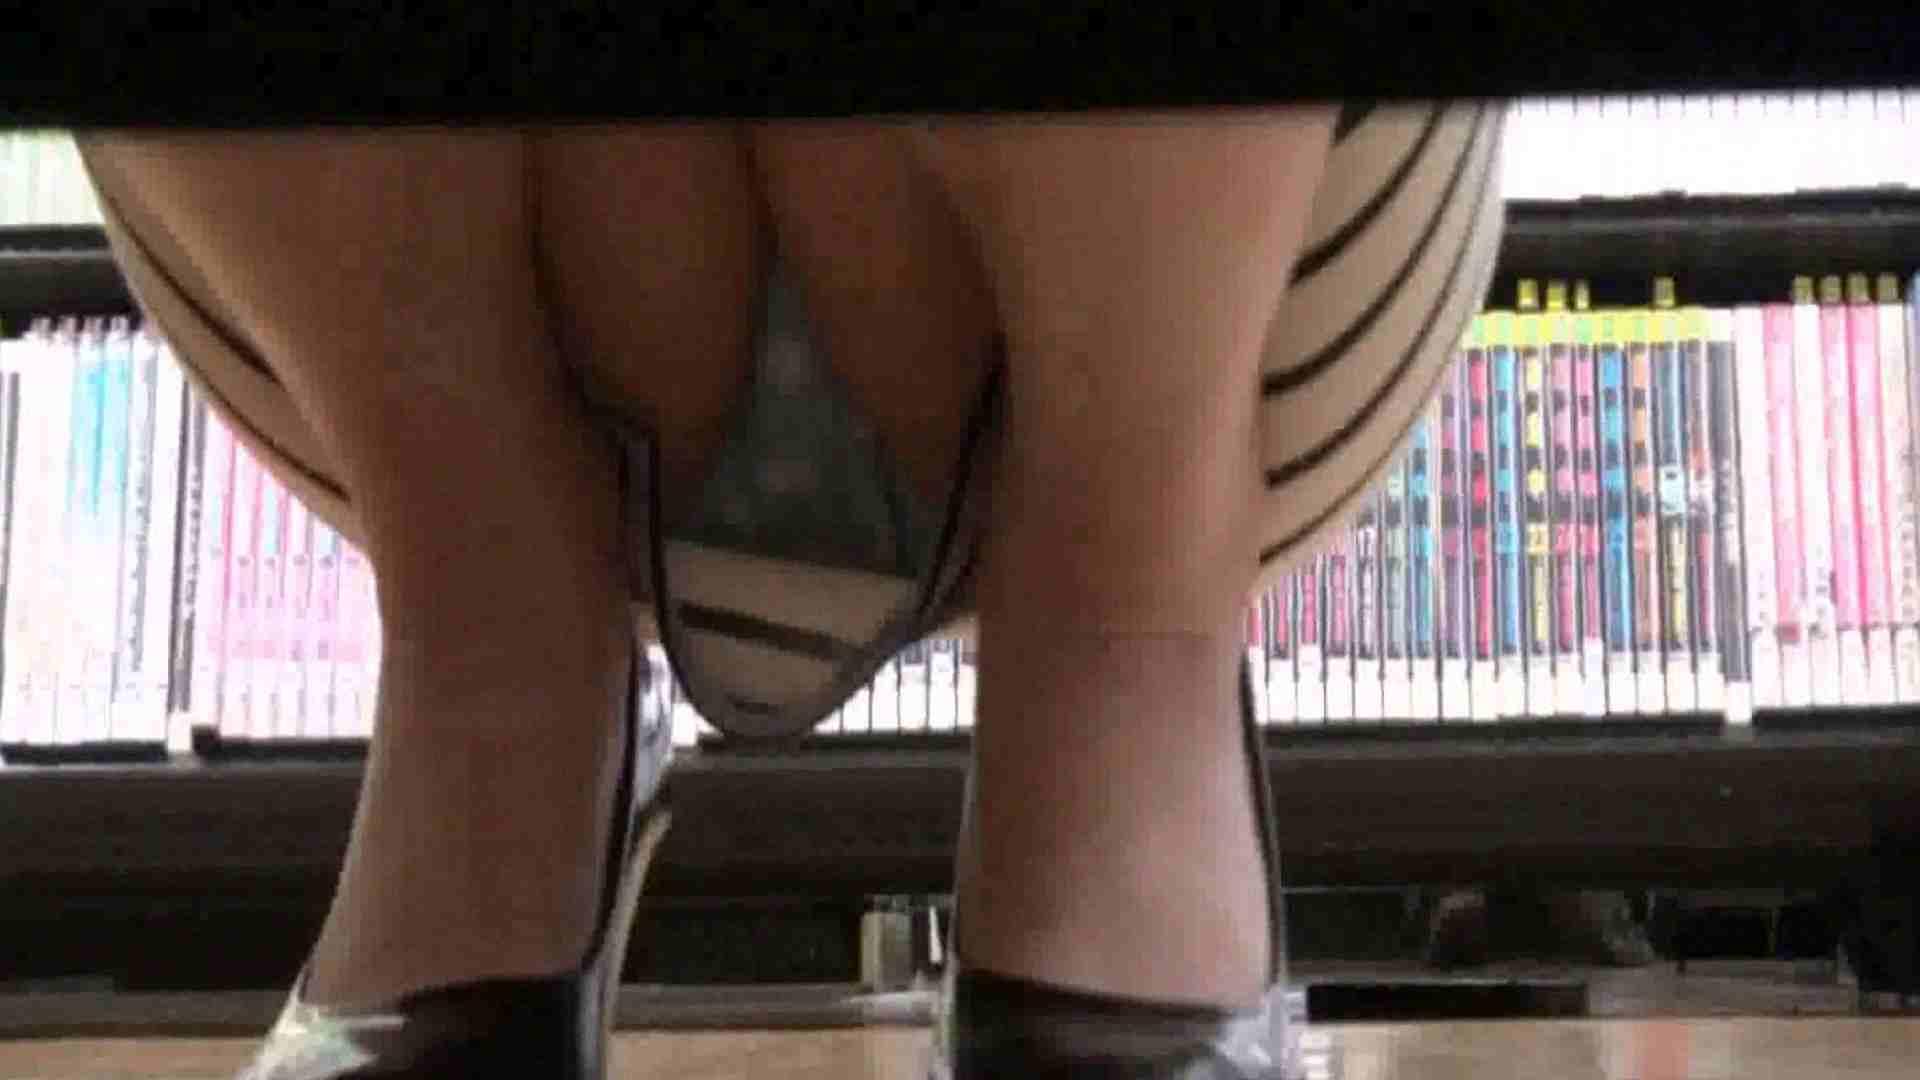 真剣に買い物中のgal達を上から下から狙います。vol.01 OLヌード天国 | JKヌード天国  77PIX 69